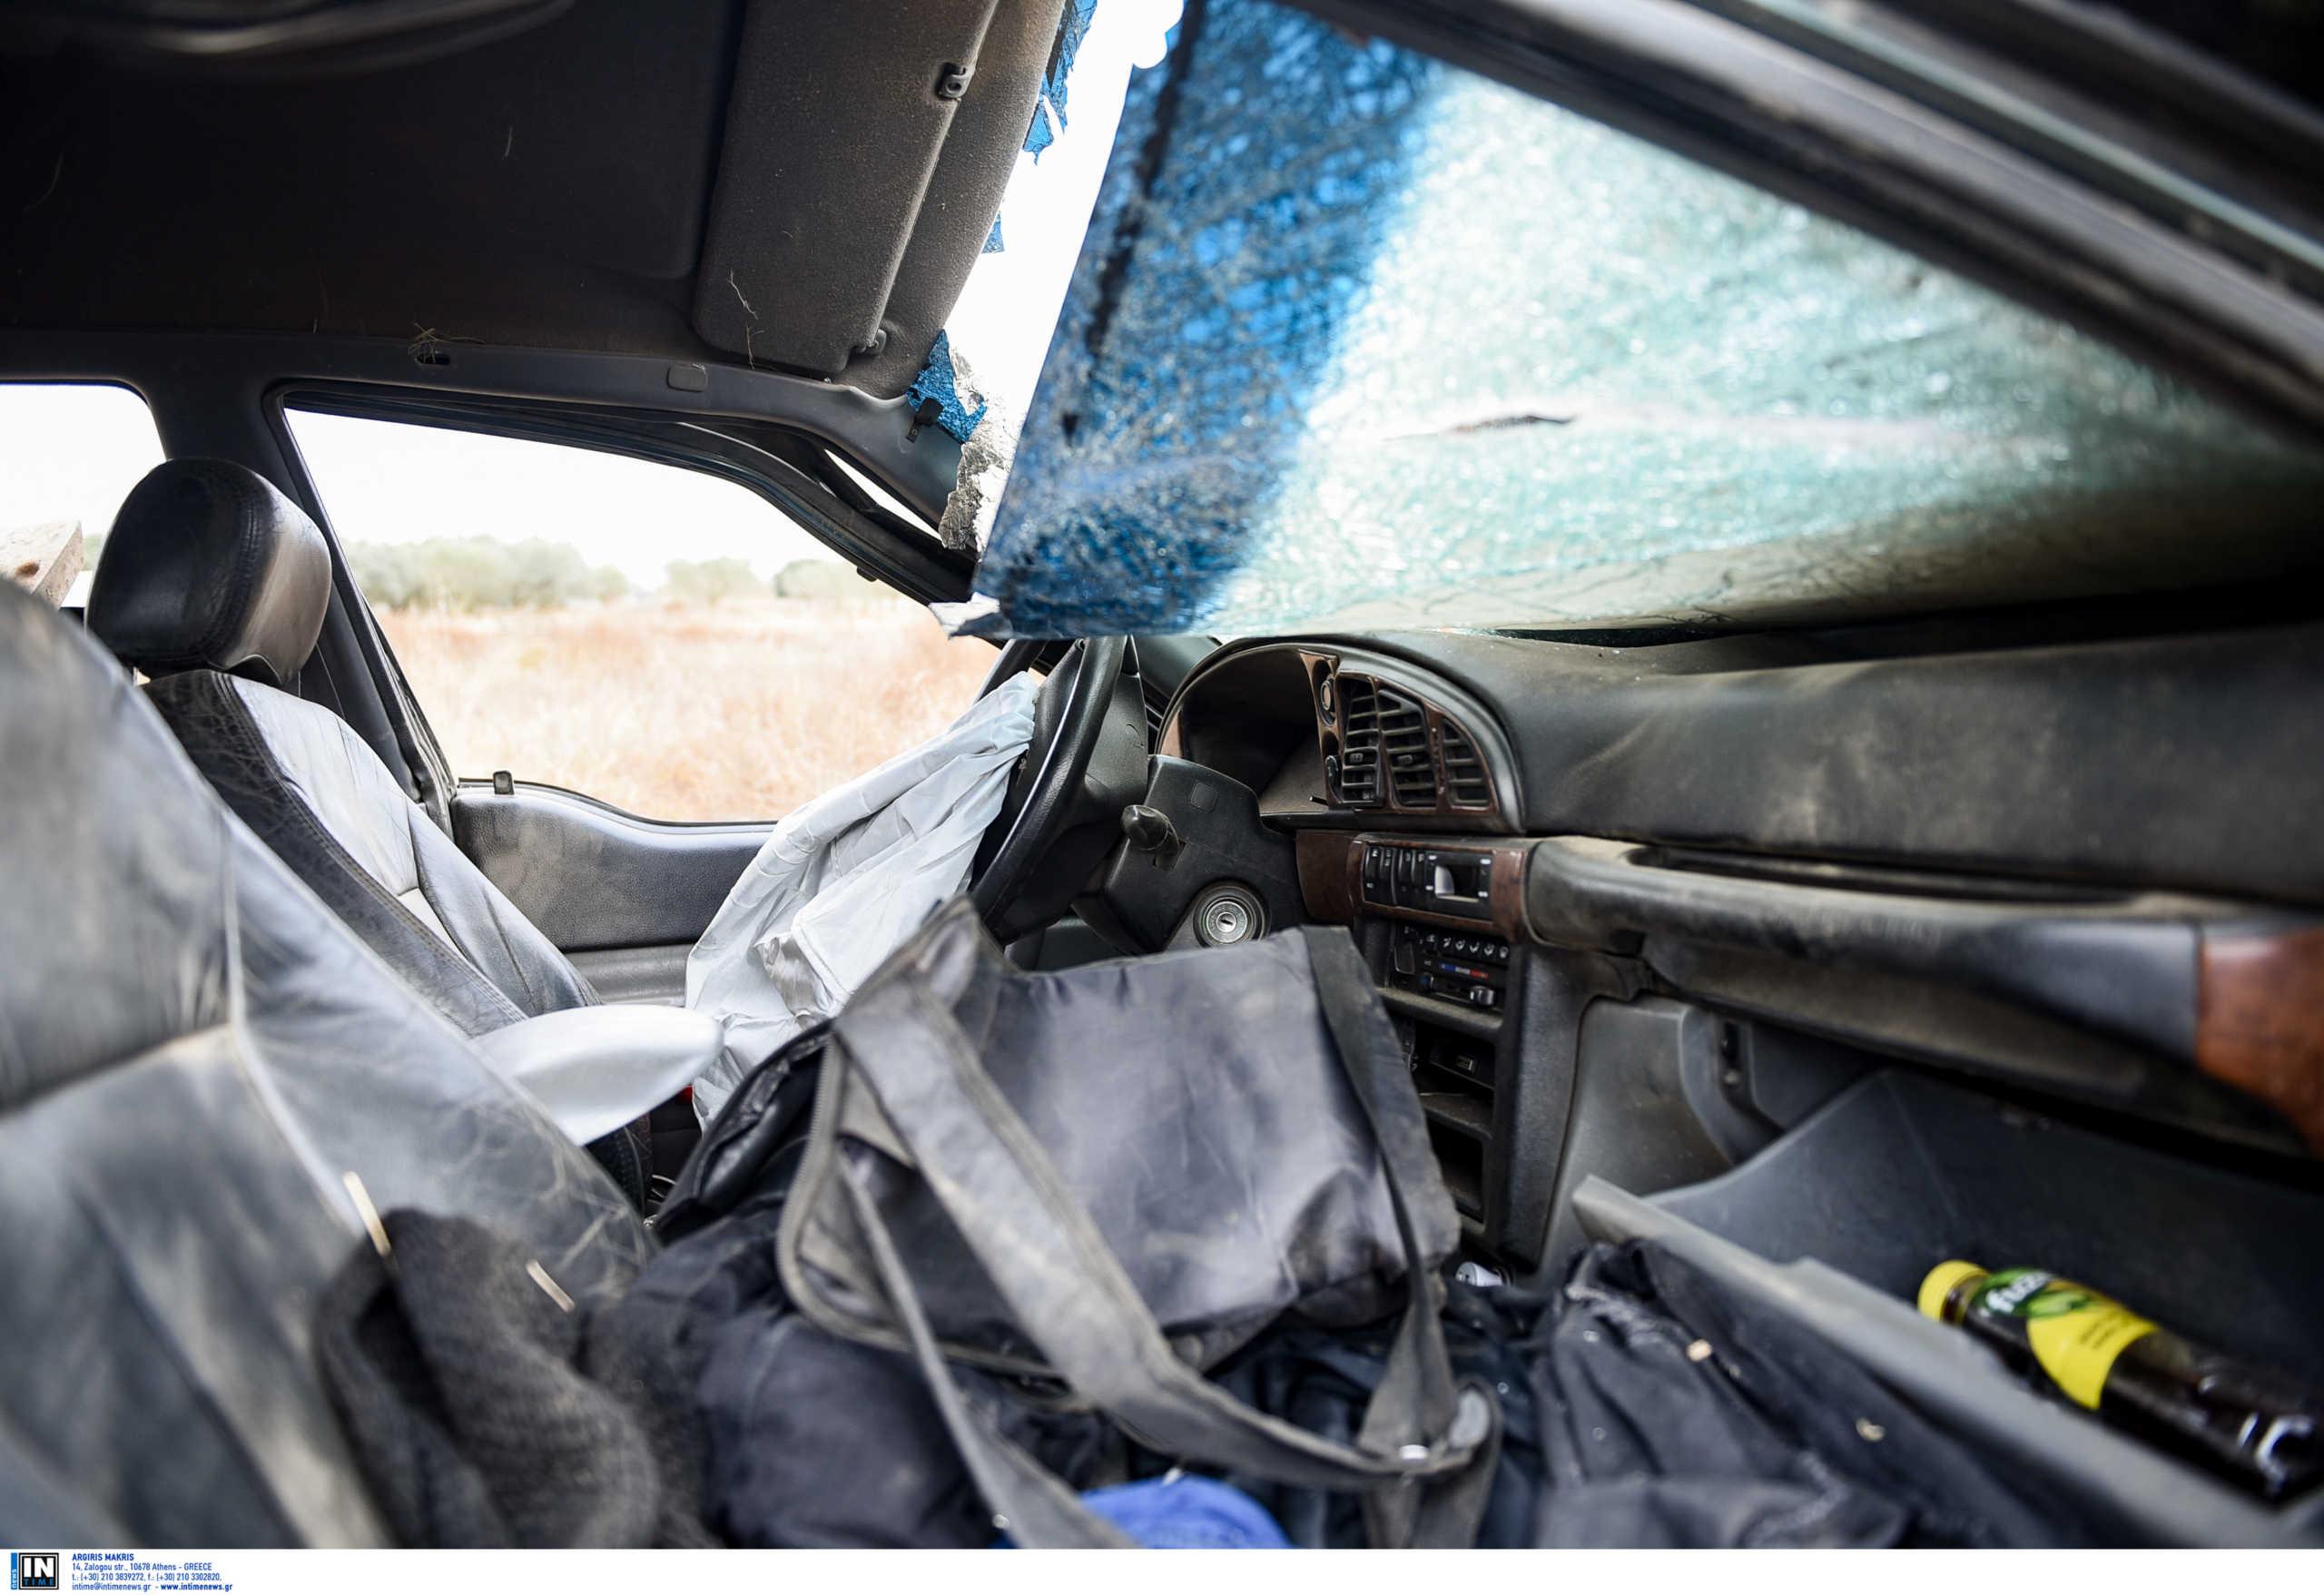 Φθιώτιδα: Αυτοκίνητο έφυγε σε γκρεμό! Τρεις τραυματίες στο τροχαίο με μία γυναίκα να χαροπαλεύει